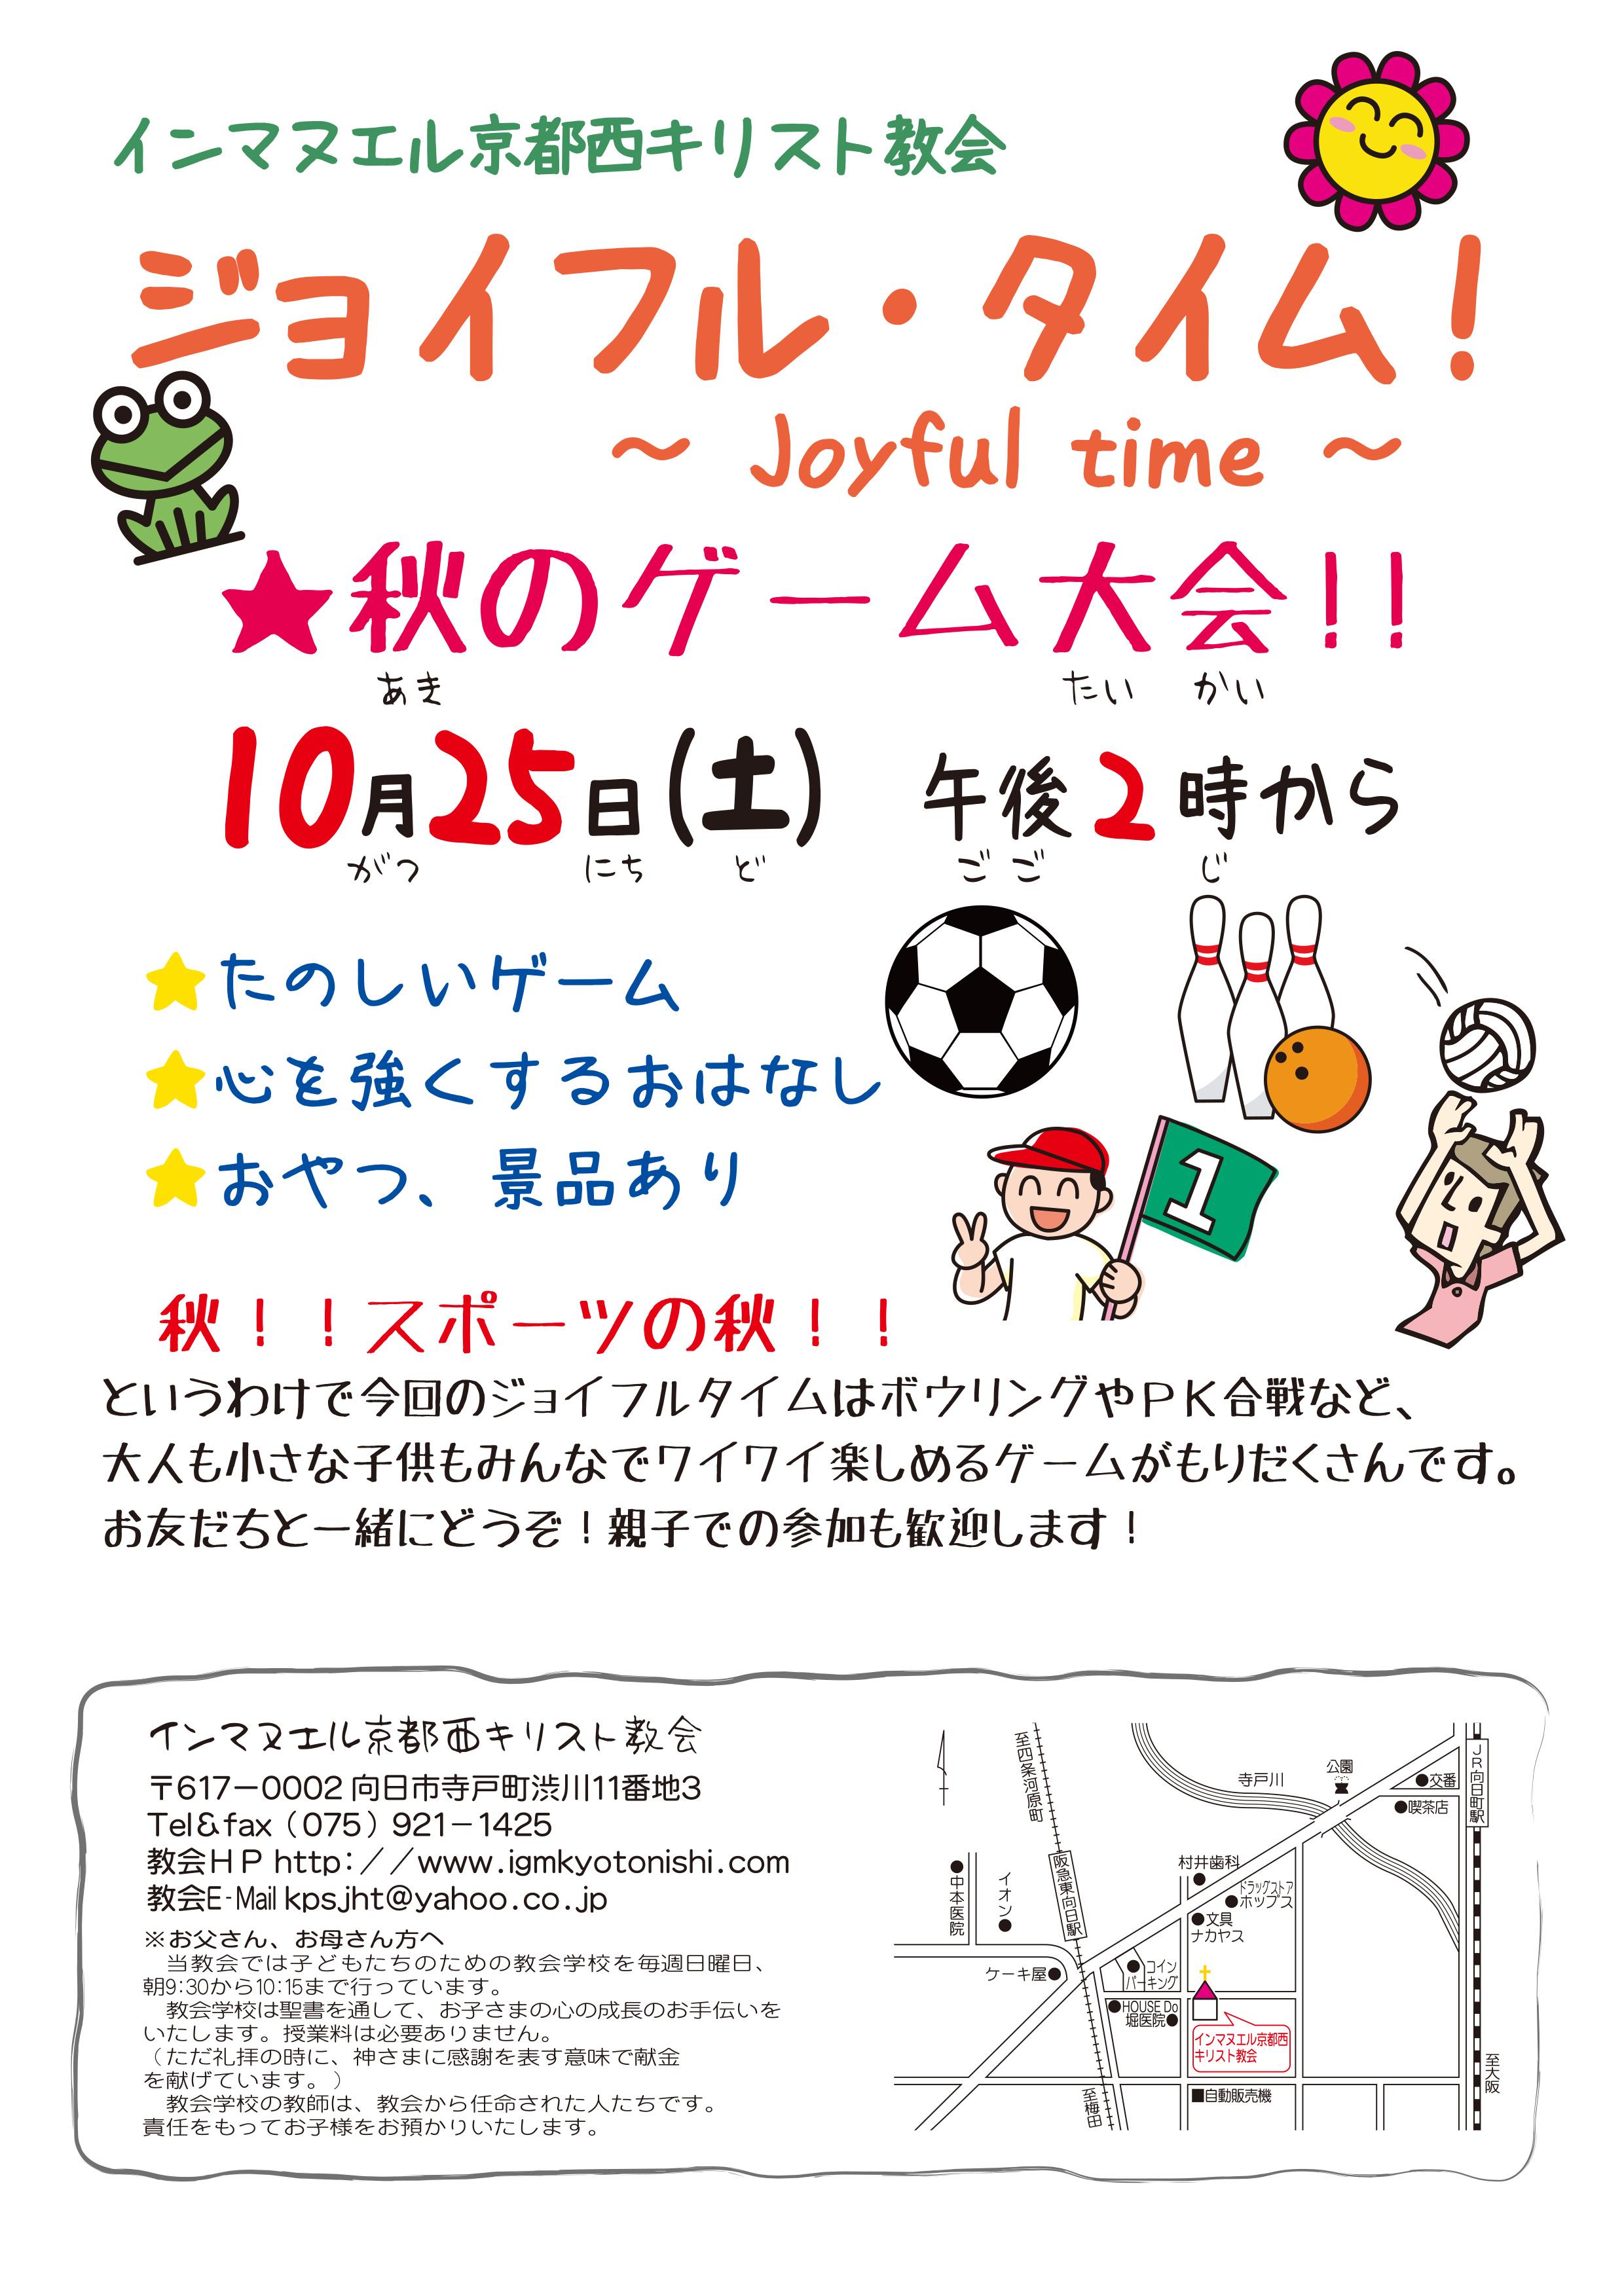 2014年10月25日(土)午後14:00〜 秋のジョイフル・タイム